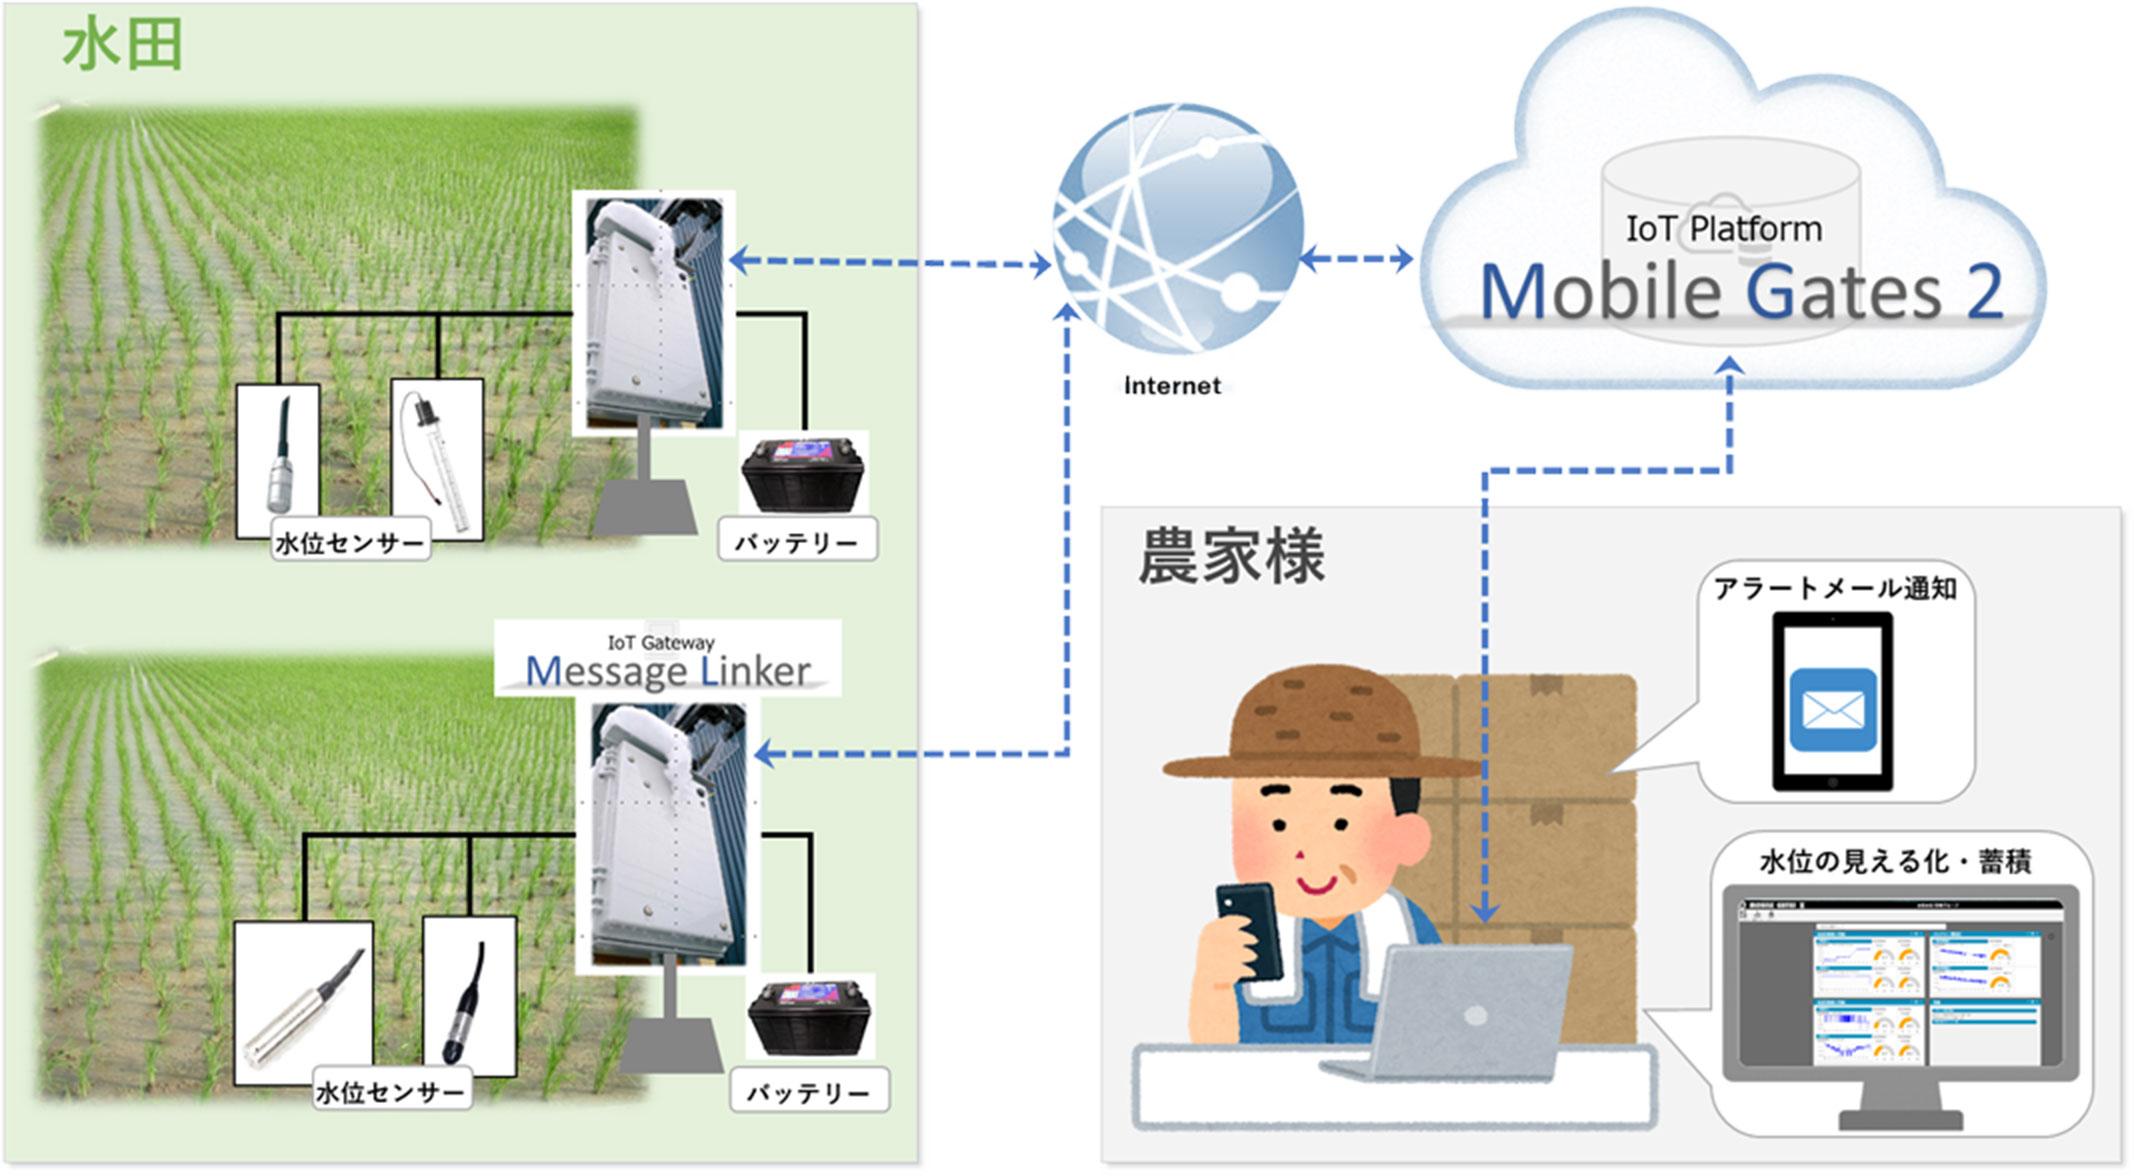 水田 <-> Internet <-> IoT Platform Mobile Gates 2 <-> 農家様